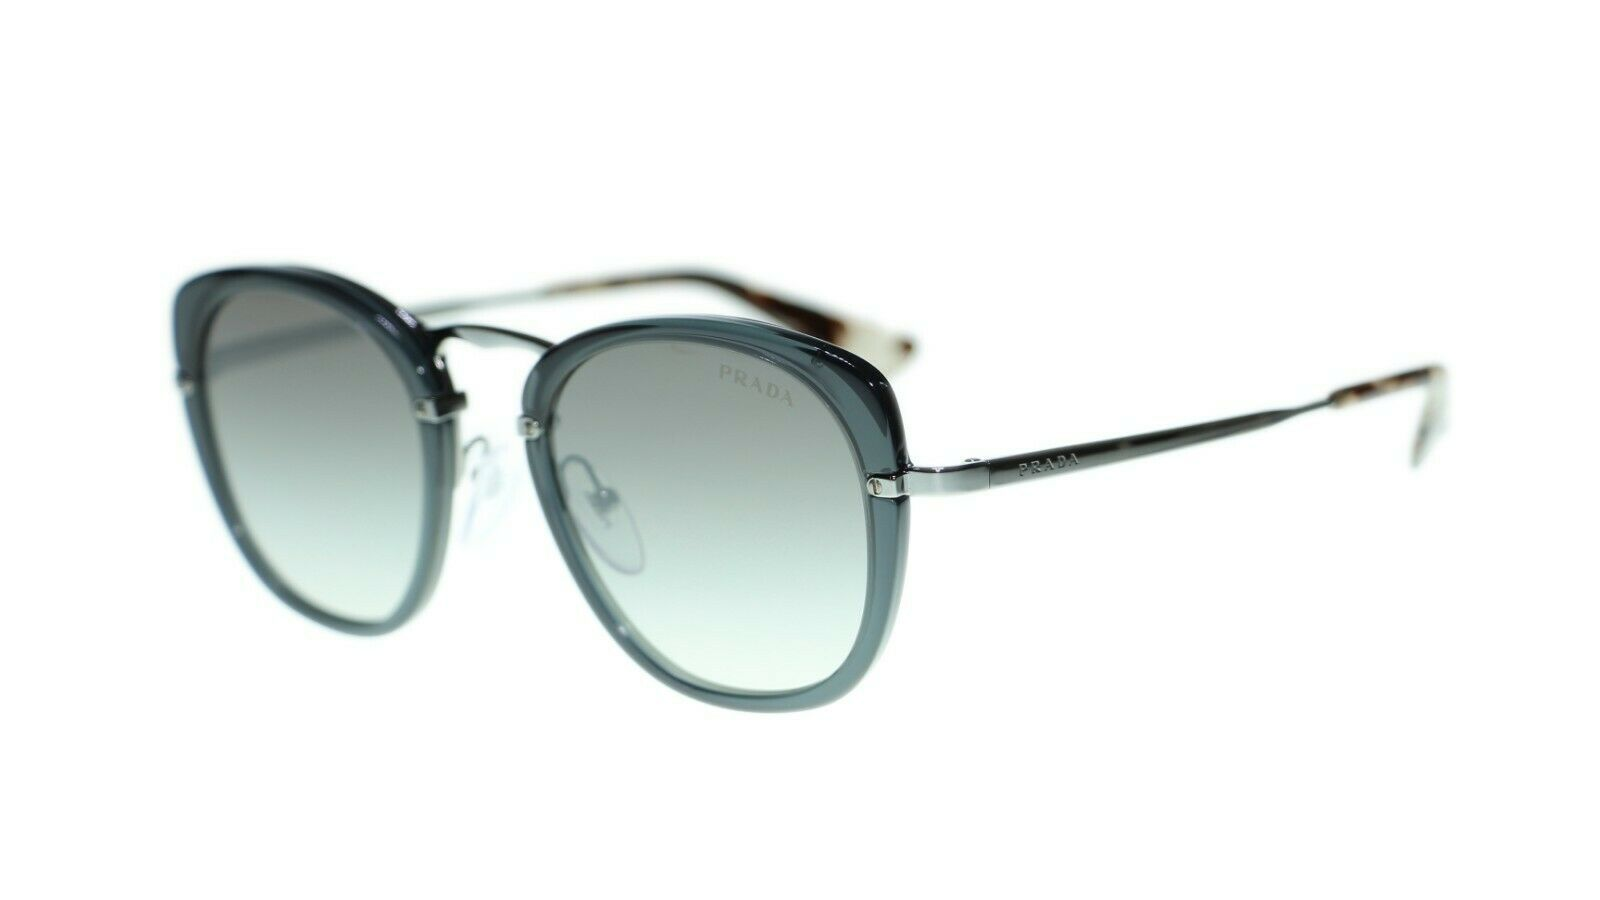 Prada Women Sunglasses PR58US Square Frame 49mm Authentic  - $179.00